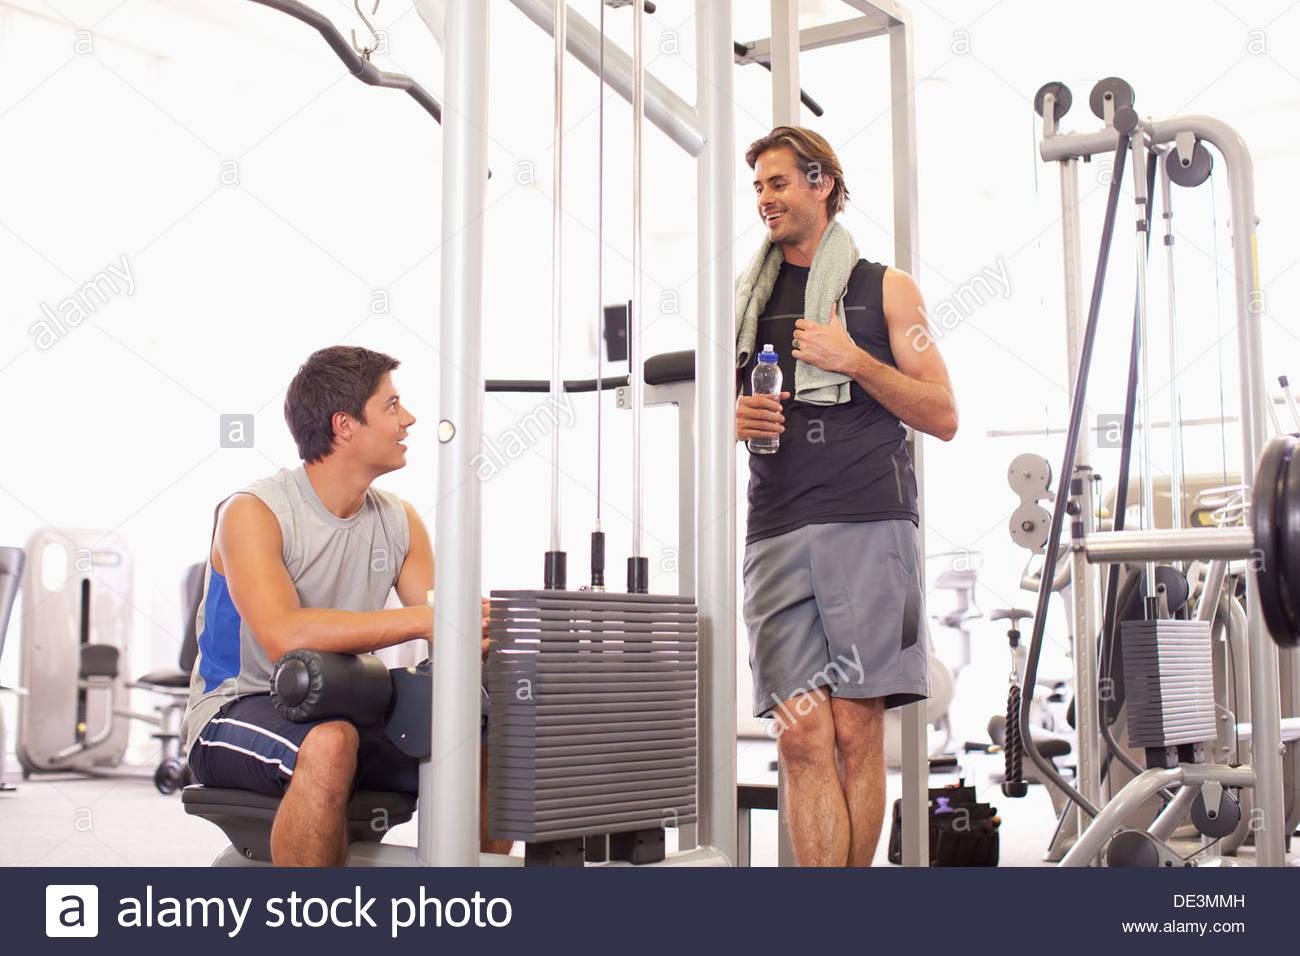 Retrato de la sonrisa de hombres trabajando en el gimnasio Imagen De Stock